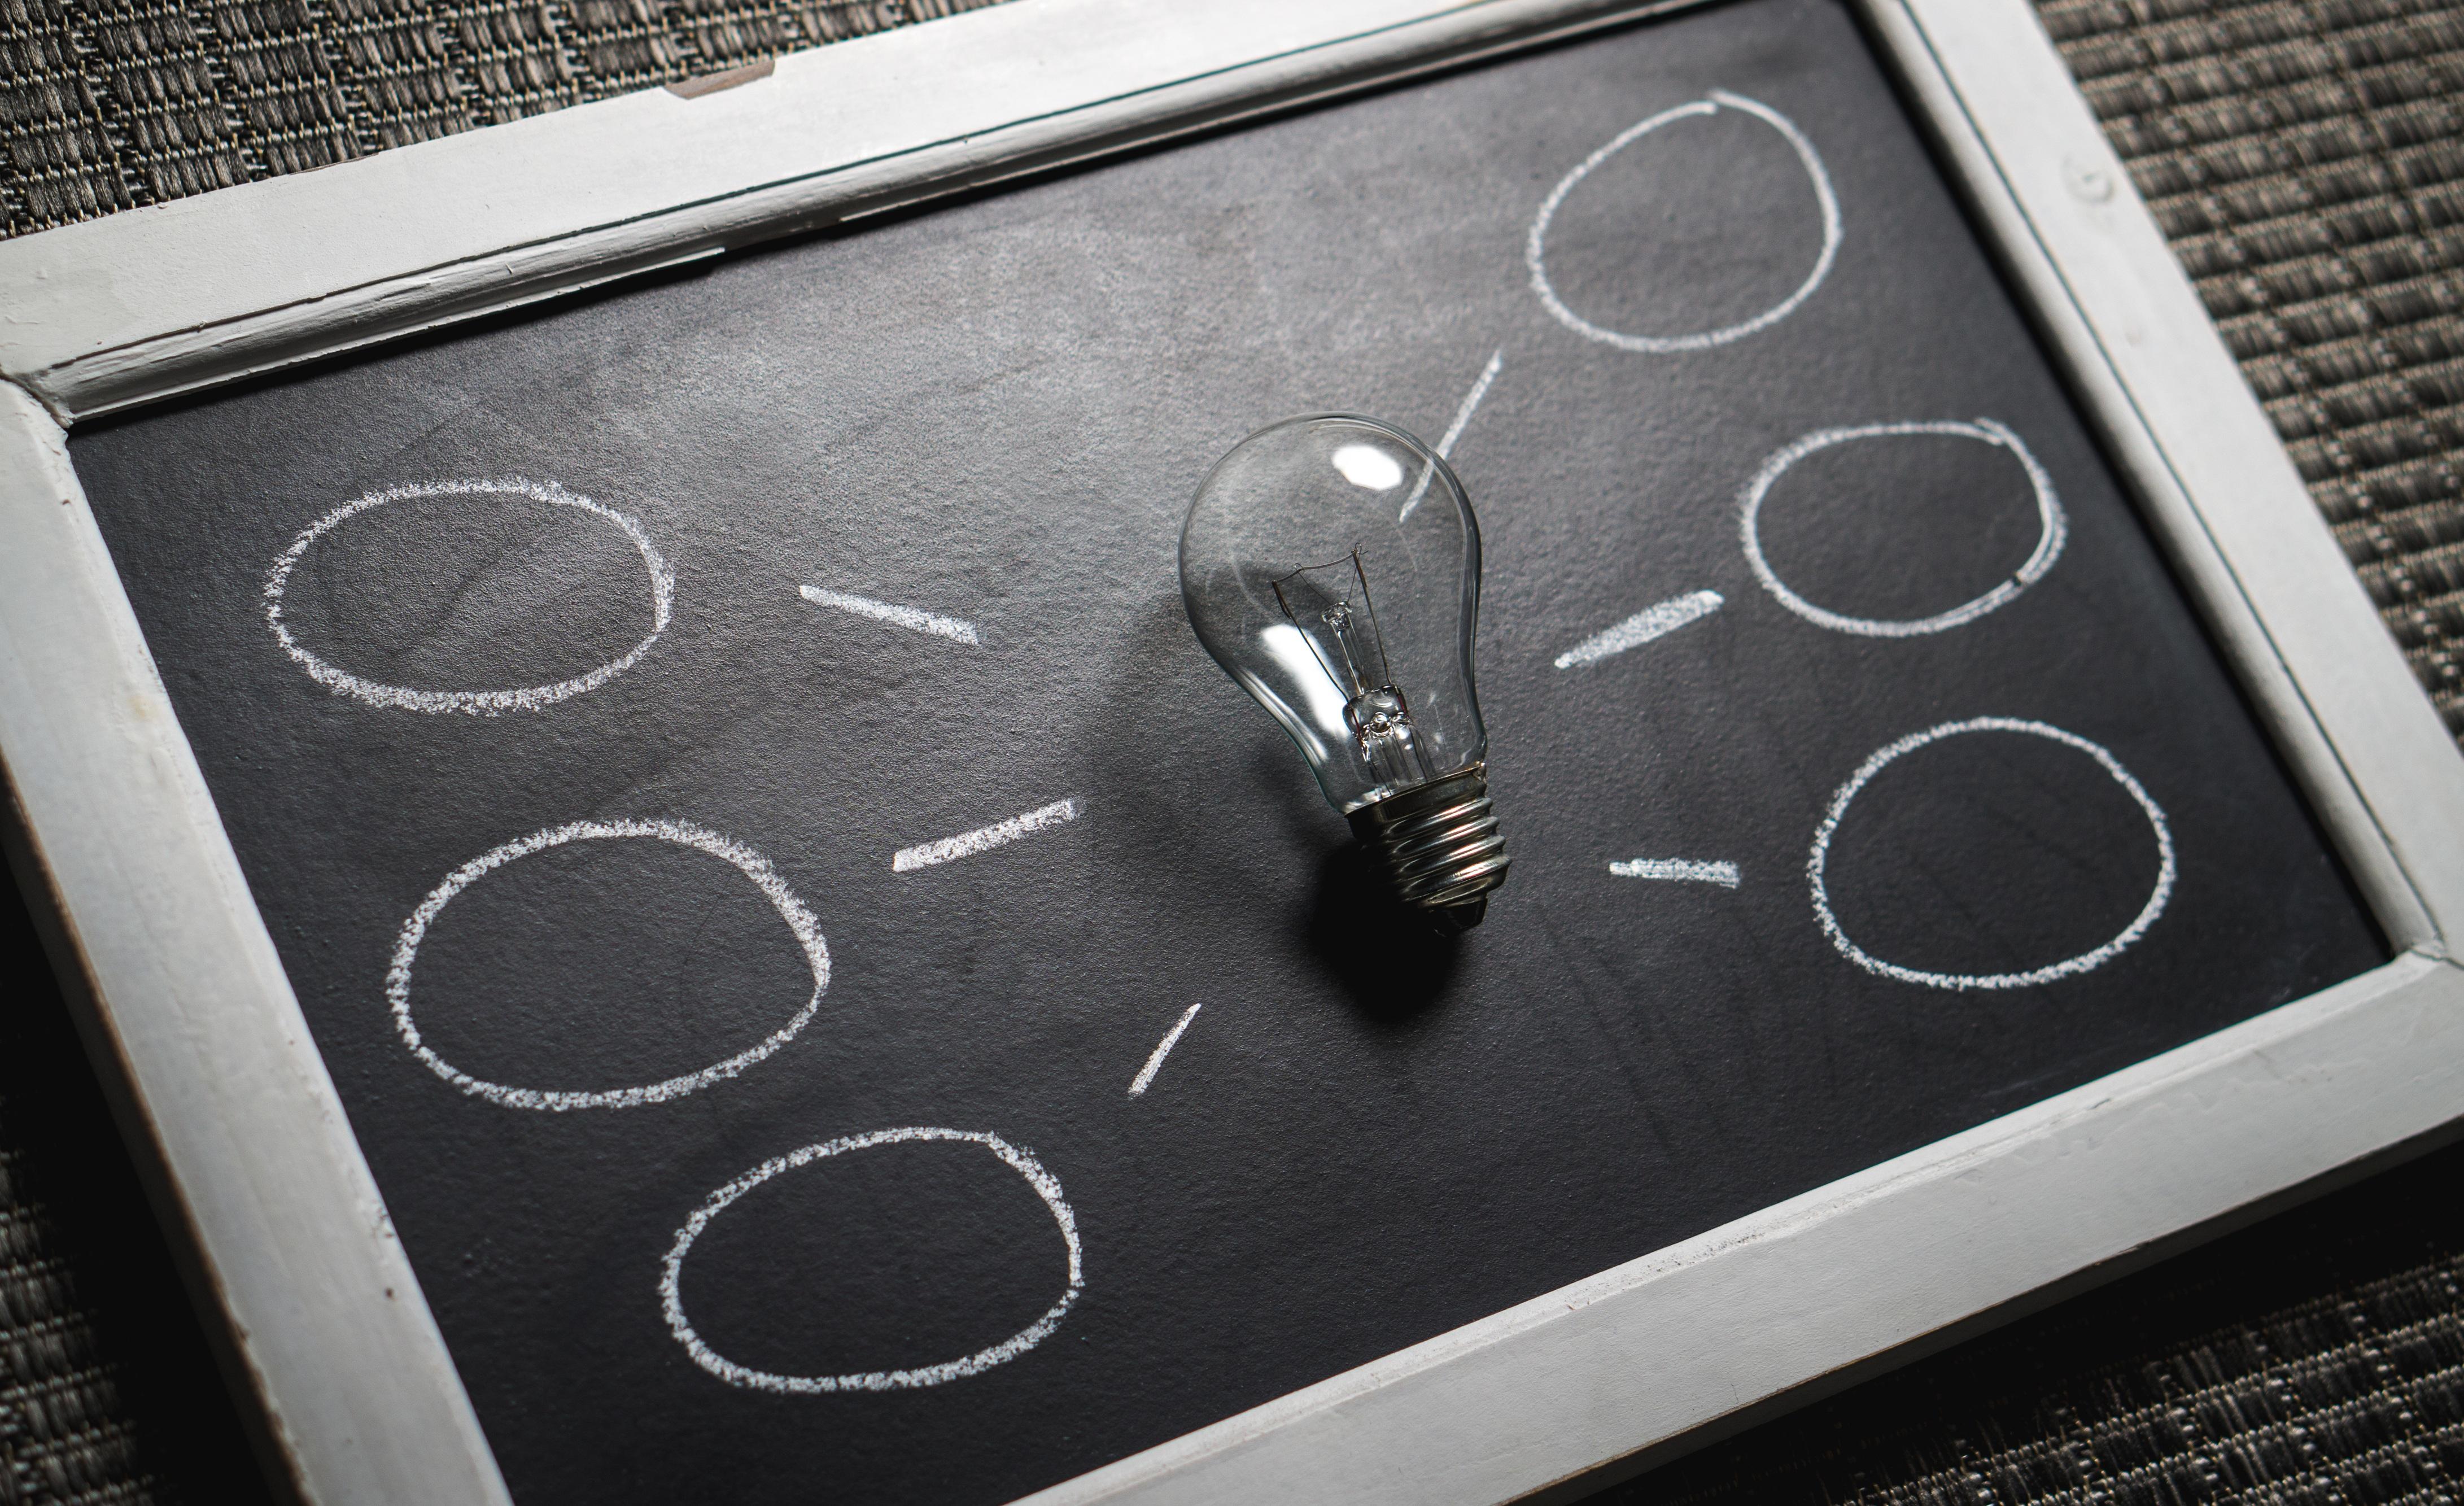 tableau noir avec lampe pour matérialiser l'intelligence collective